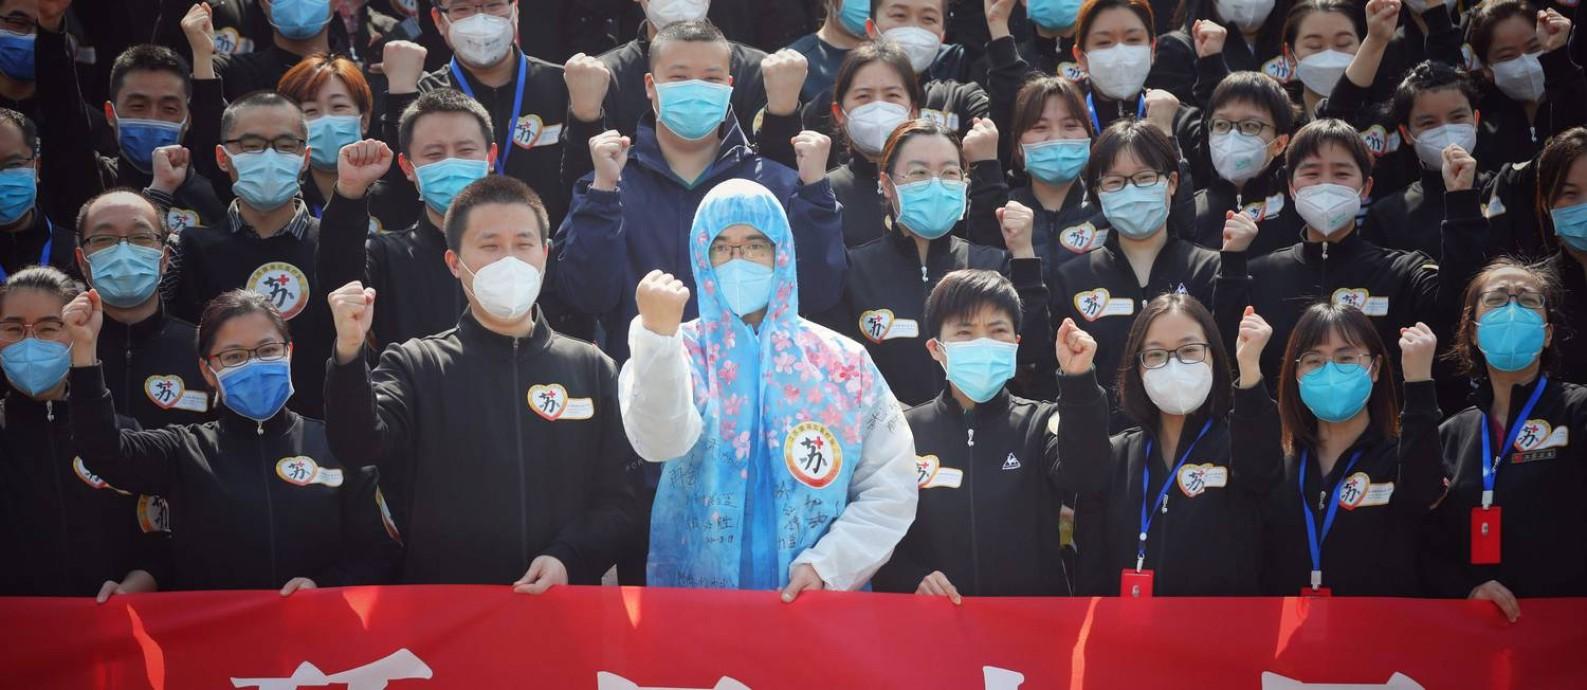 Profissionais da saúde chineses participam de cerimônia Foto: STR / AFP